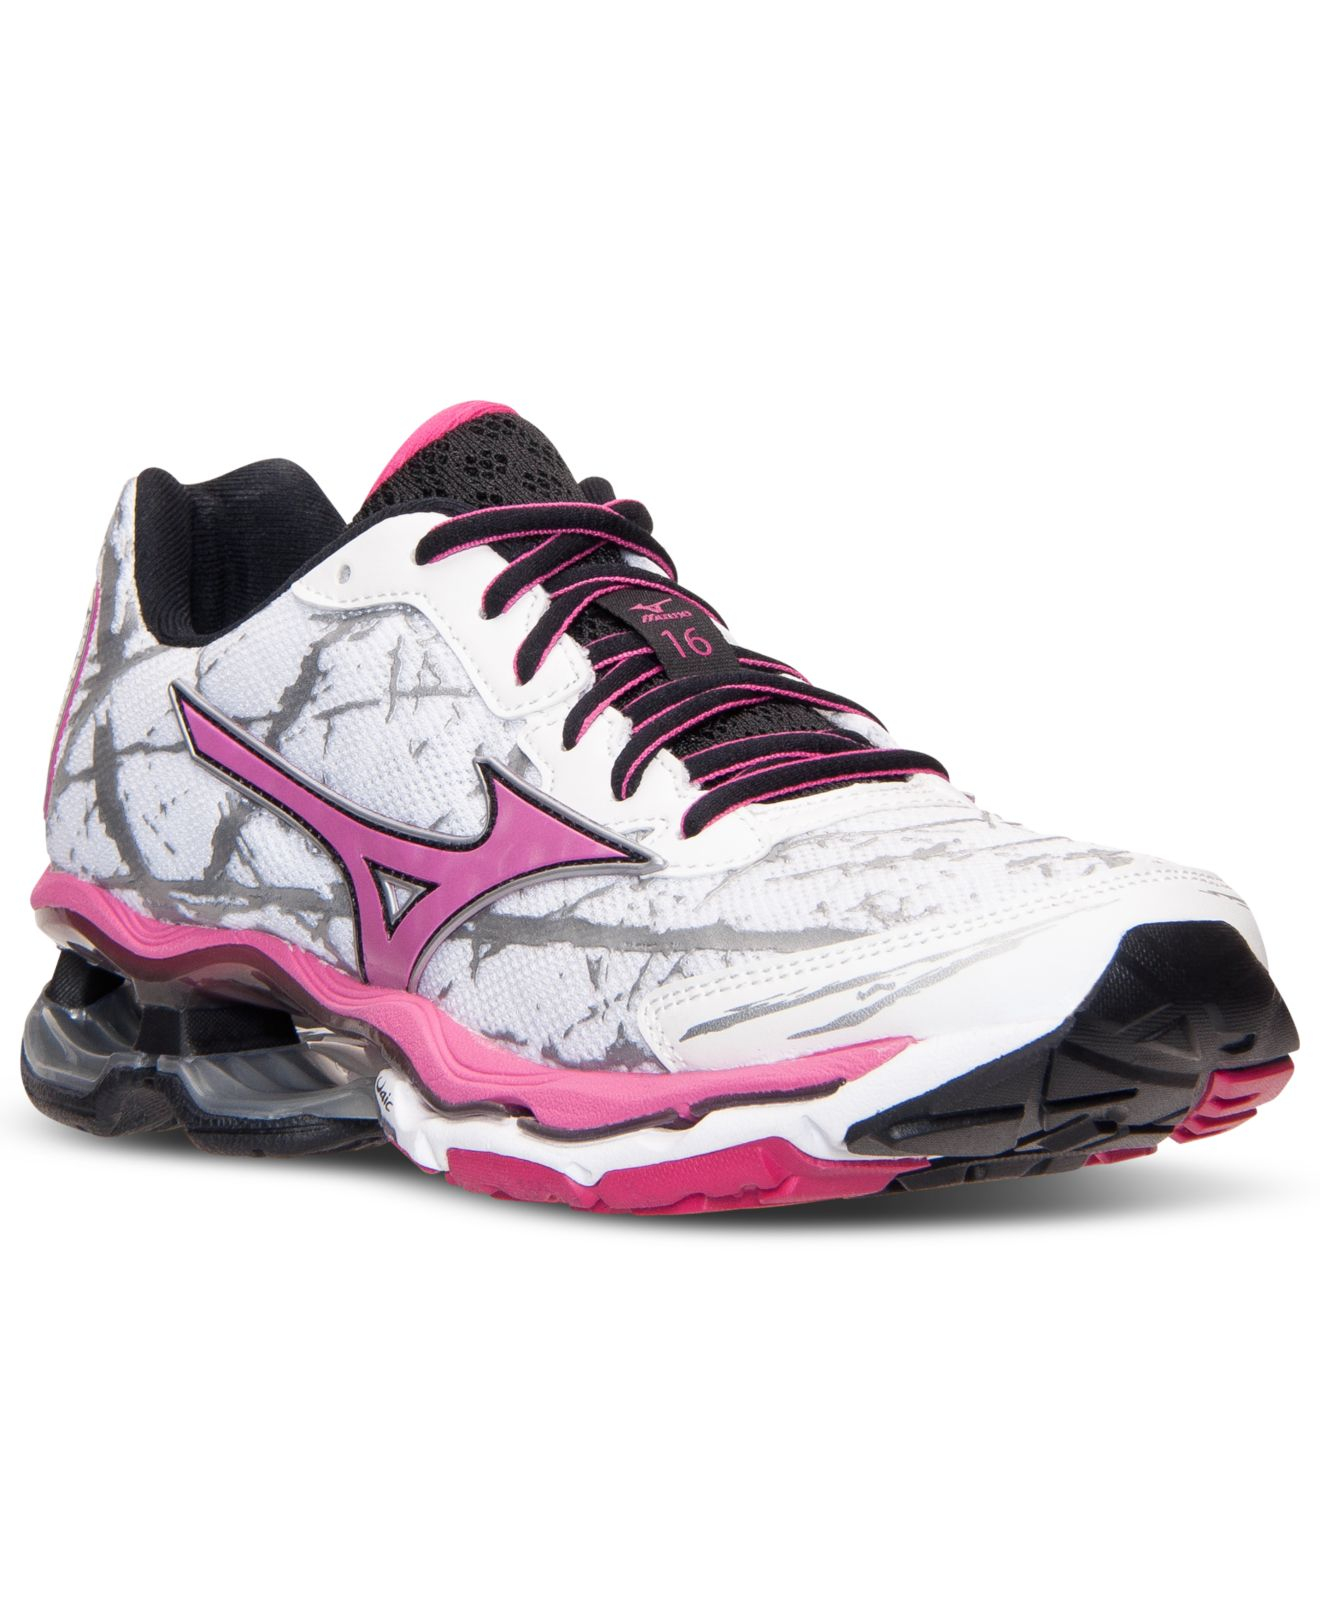 Mizuno Purple Running Shoe